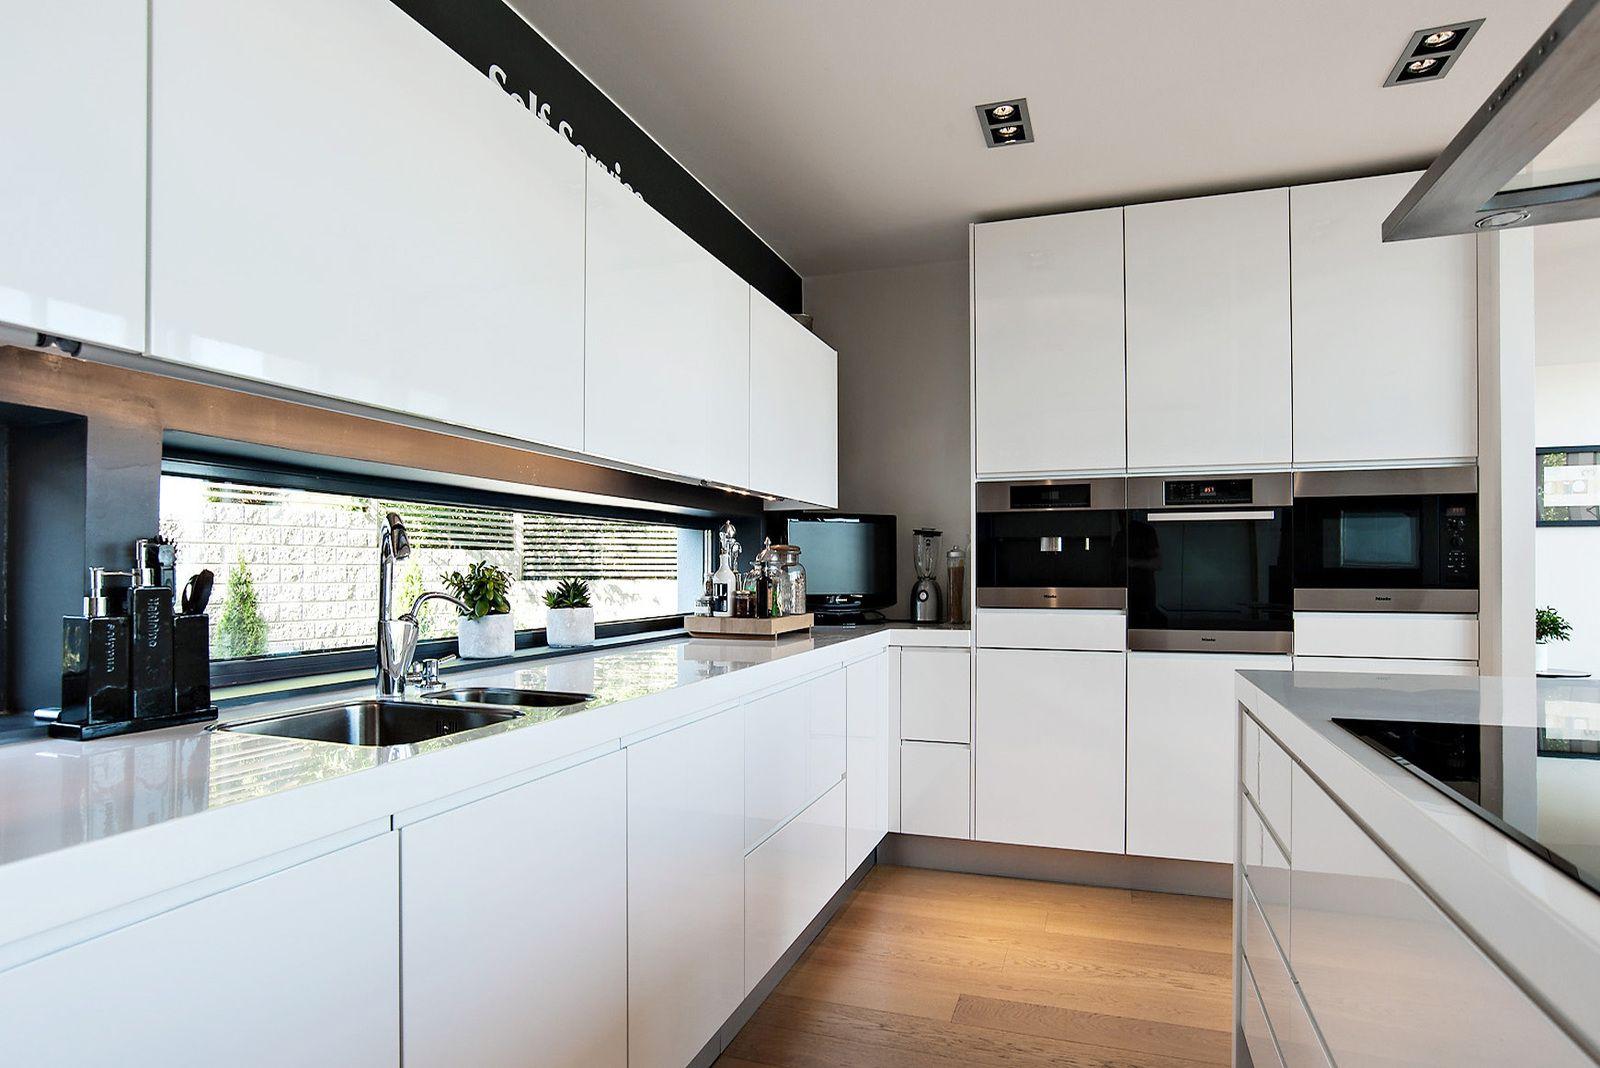 Küchen Adrian ~ Myydään omakotitalo 5 huonetta turku hirvensalo honkaistentie 30